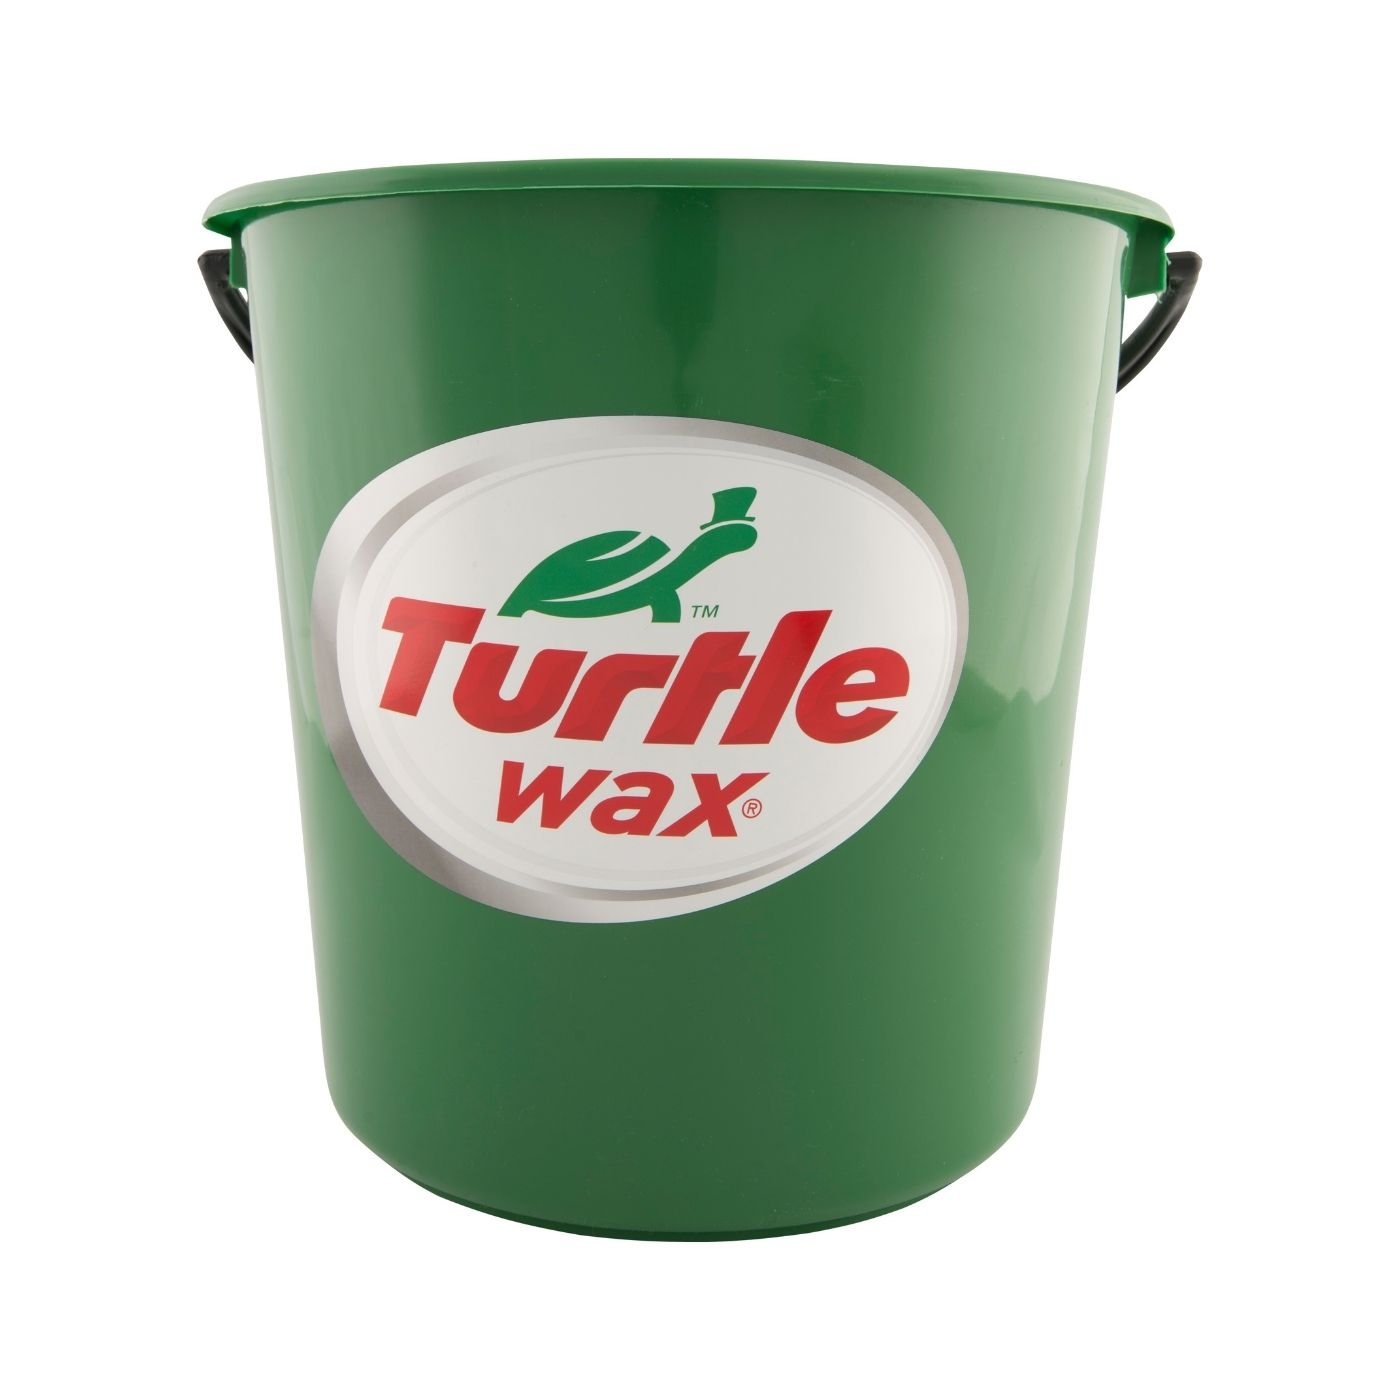 Tvätthink Turtle Wax, 10 liter